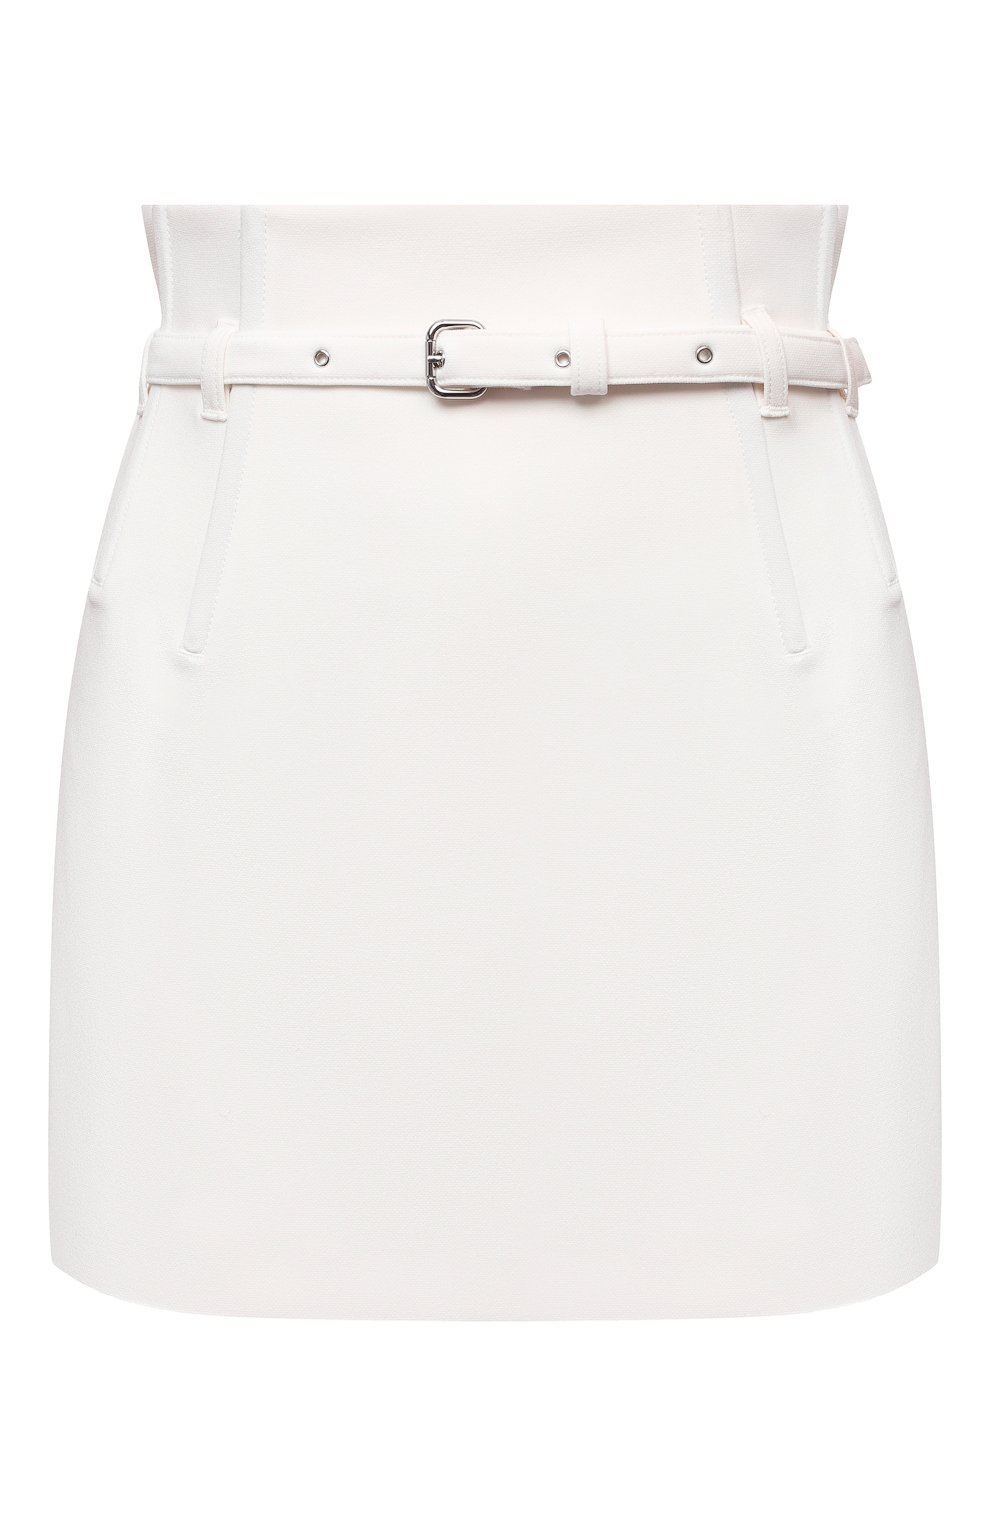 Женские юбка-шорты REDVALENTINO кремвого цвета, арт. WR0RFG25/5LB | Фото 1 (Стили: Гламурный; Длина Ж (юбки, платья, шорты): Мини; Материал внешний: Синтетический материал; Женское Кросс-КТ: юбка-шорты)